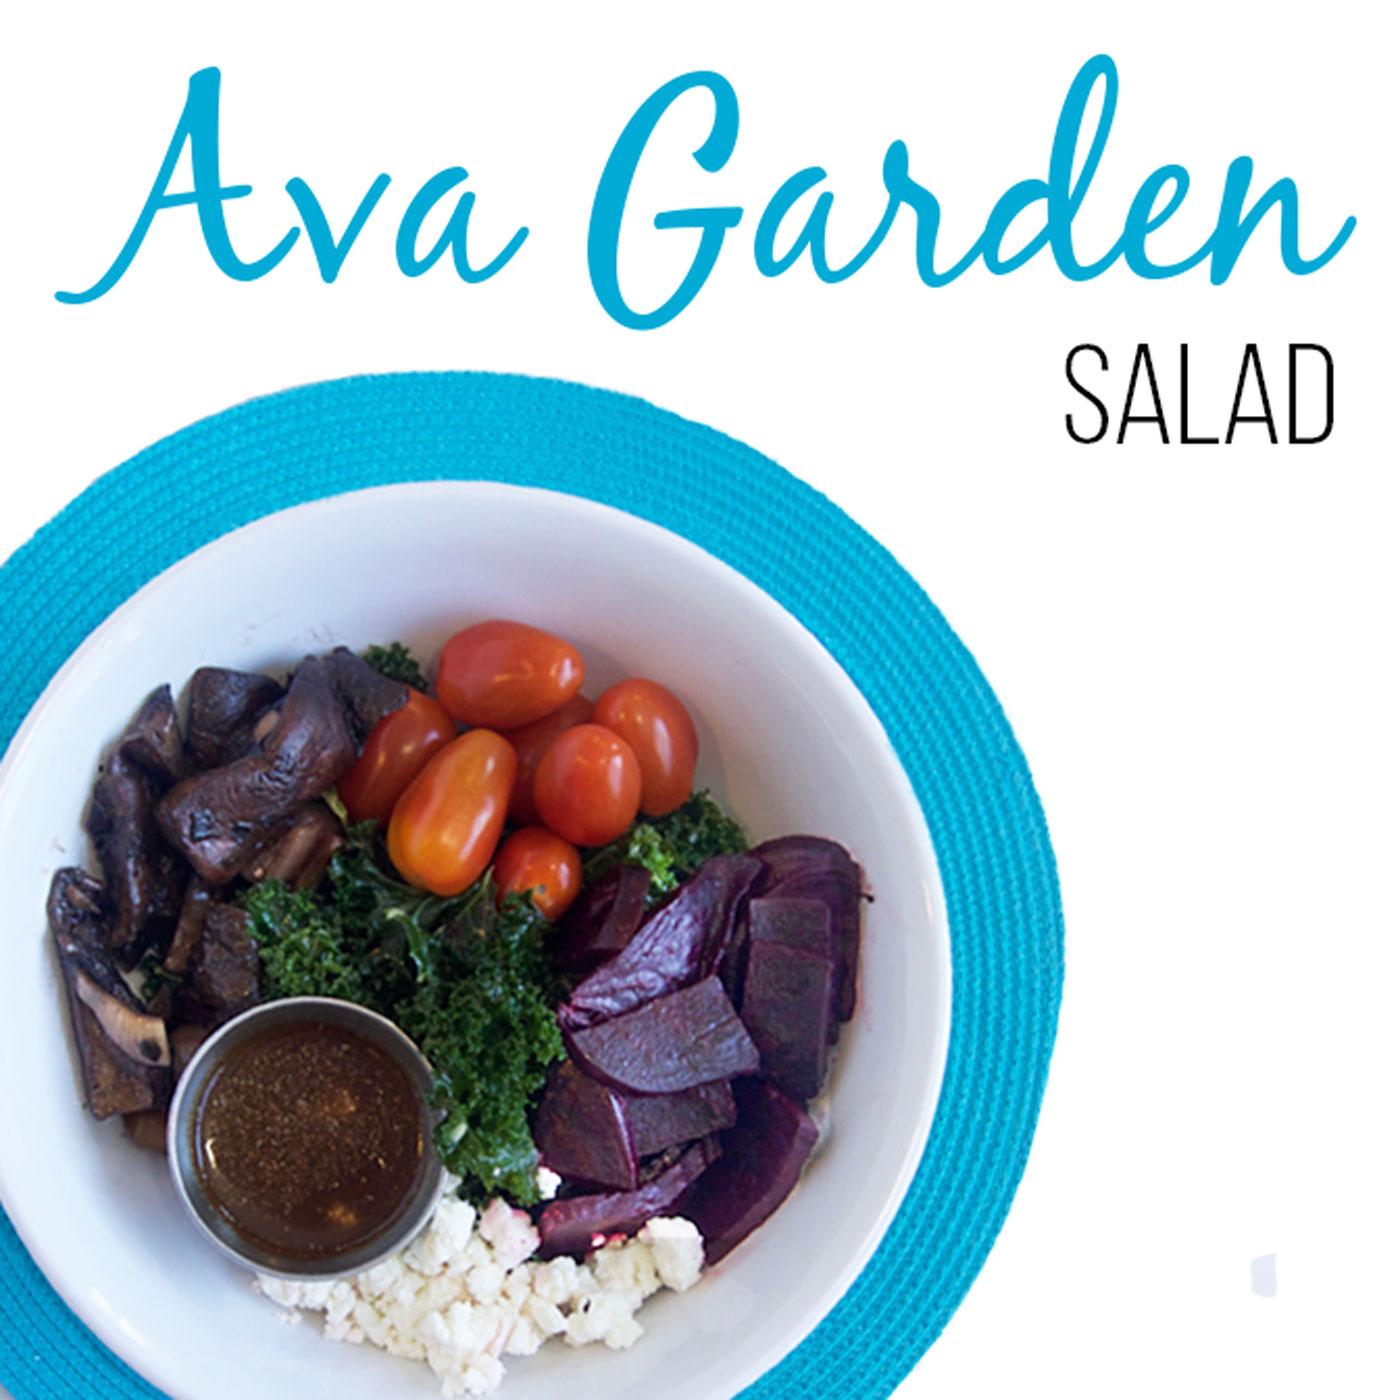 Ava Garden Salad